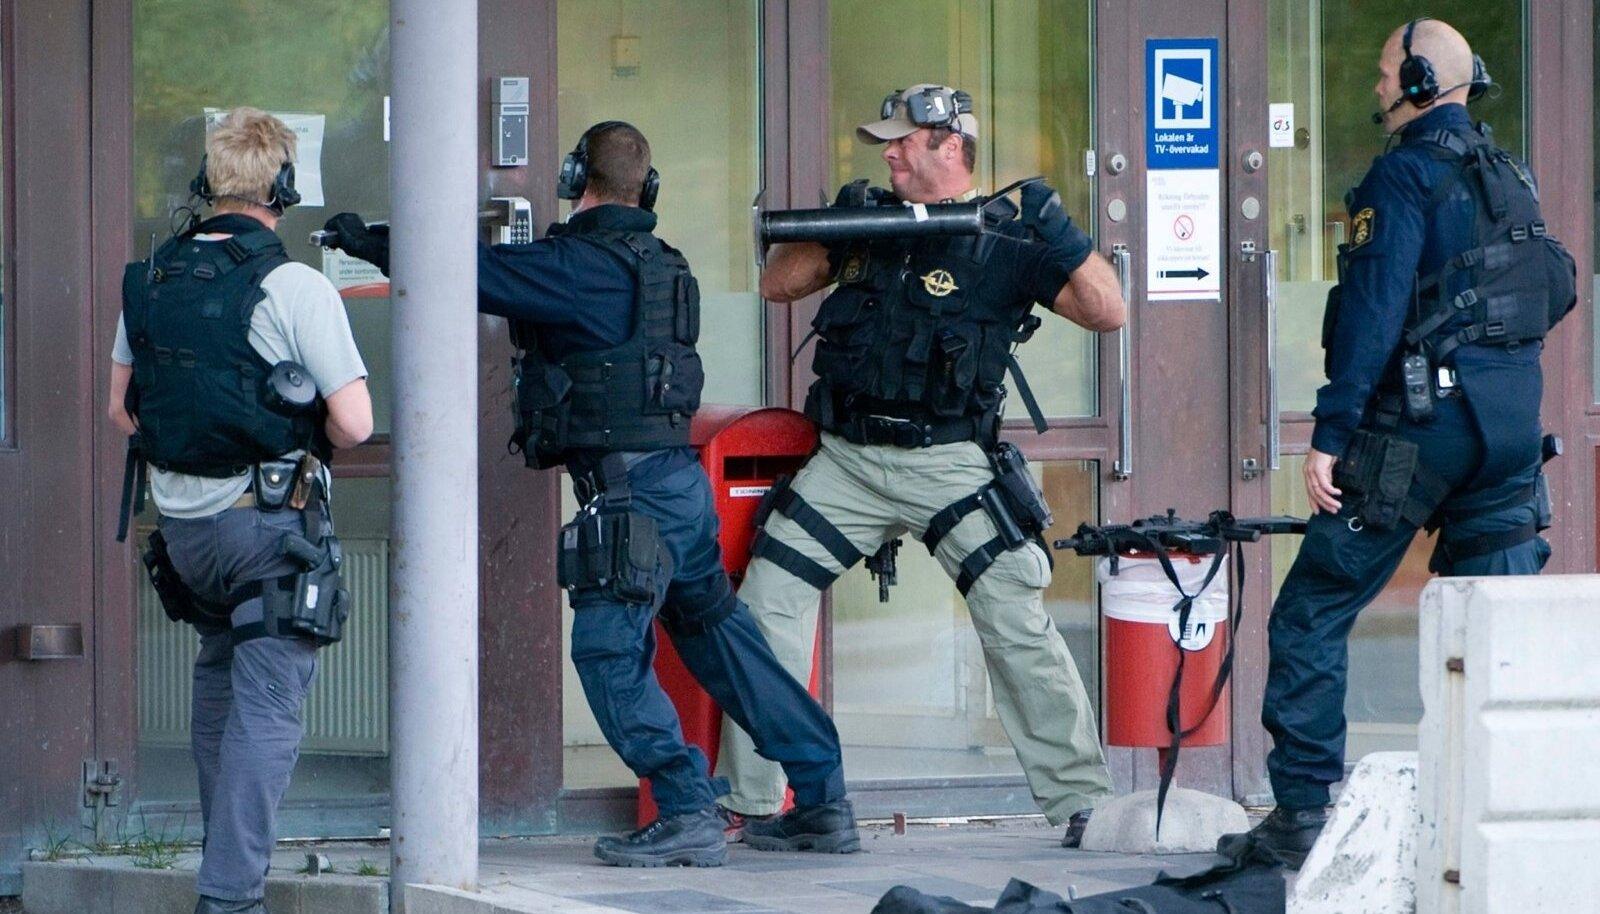 UKS MAHA! Rootsi politsei eriüksus üritab siseneda röövitud sularahahoidlasse.